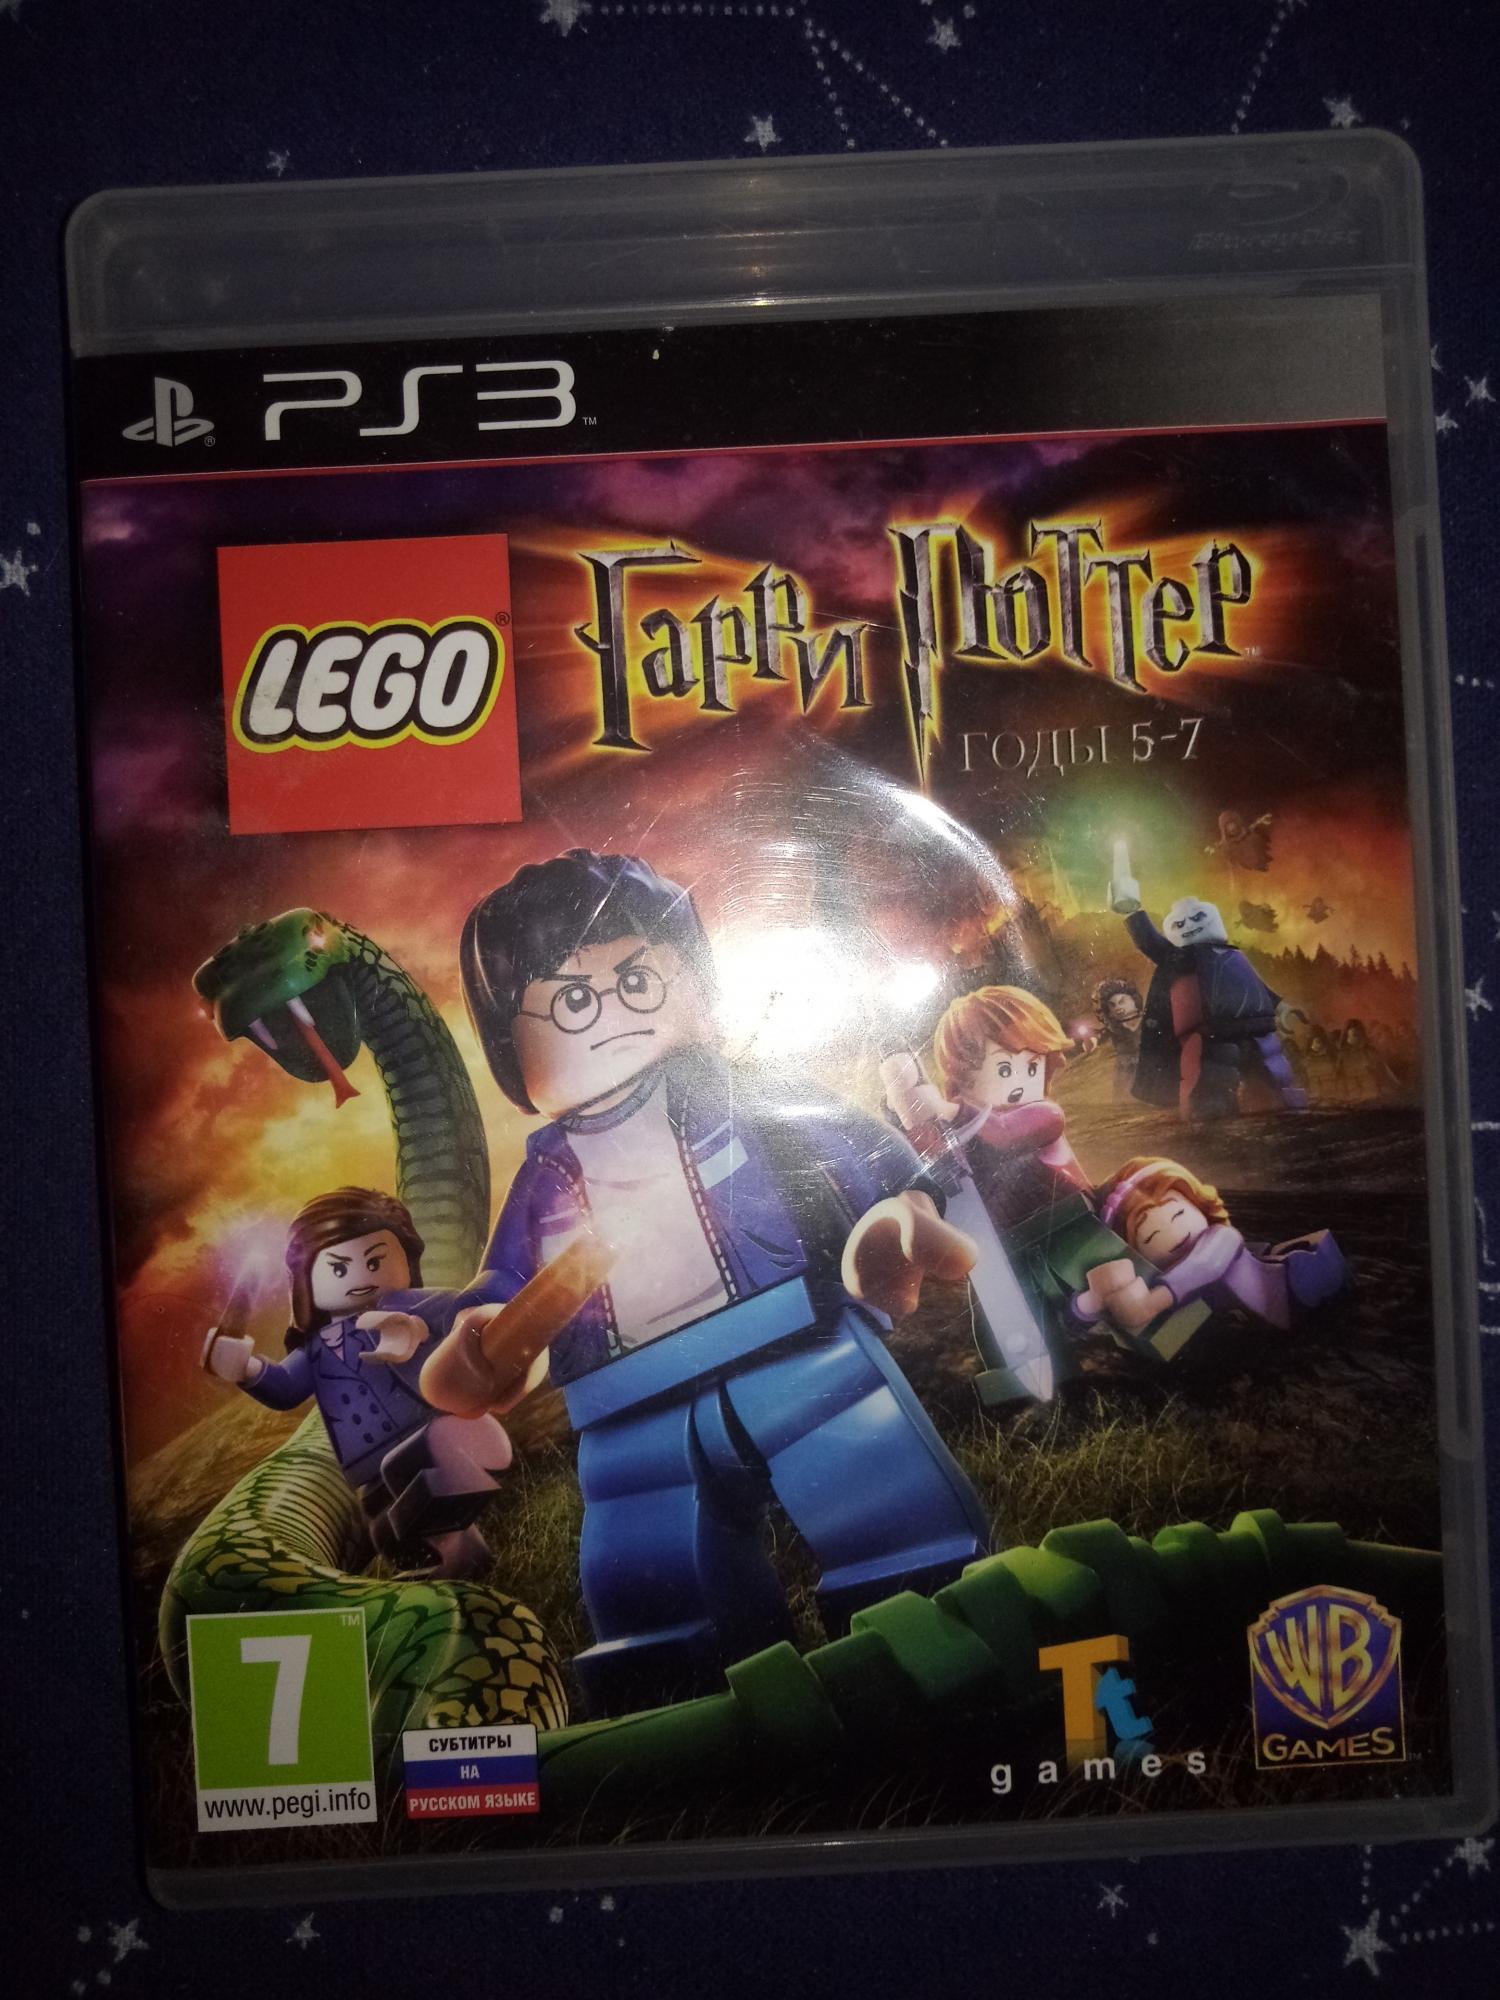 Ps3 Lego Гарри Поттер годы 5-7 в Москве 89778853260 купить 1